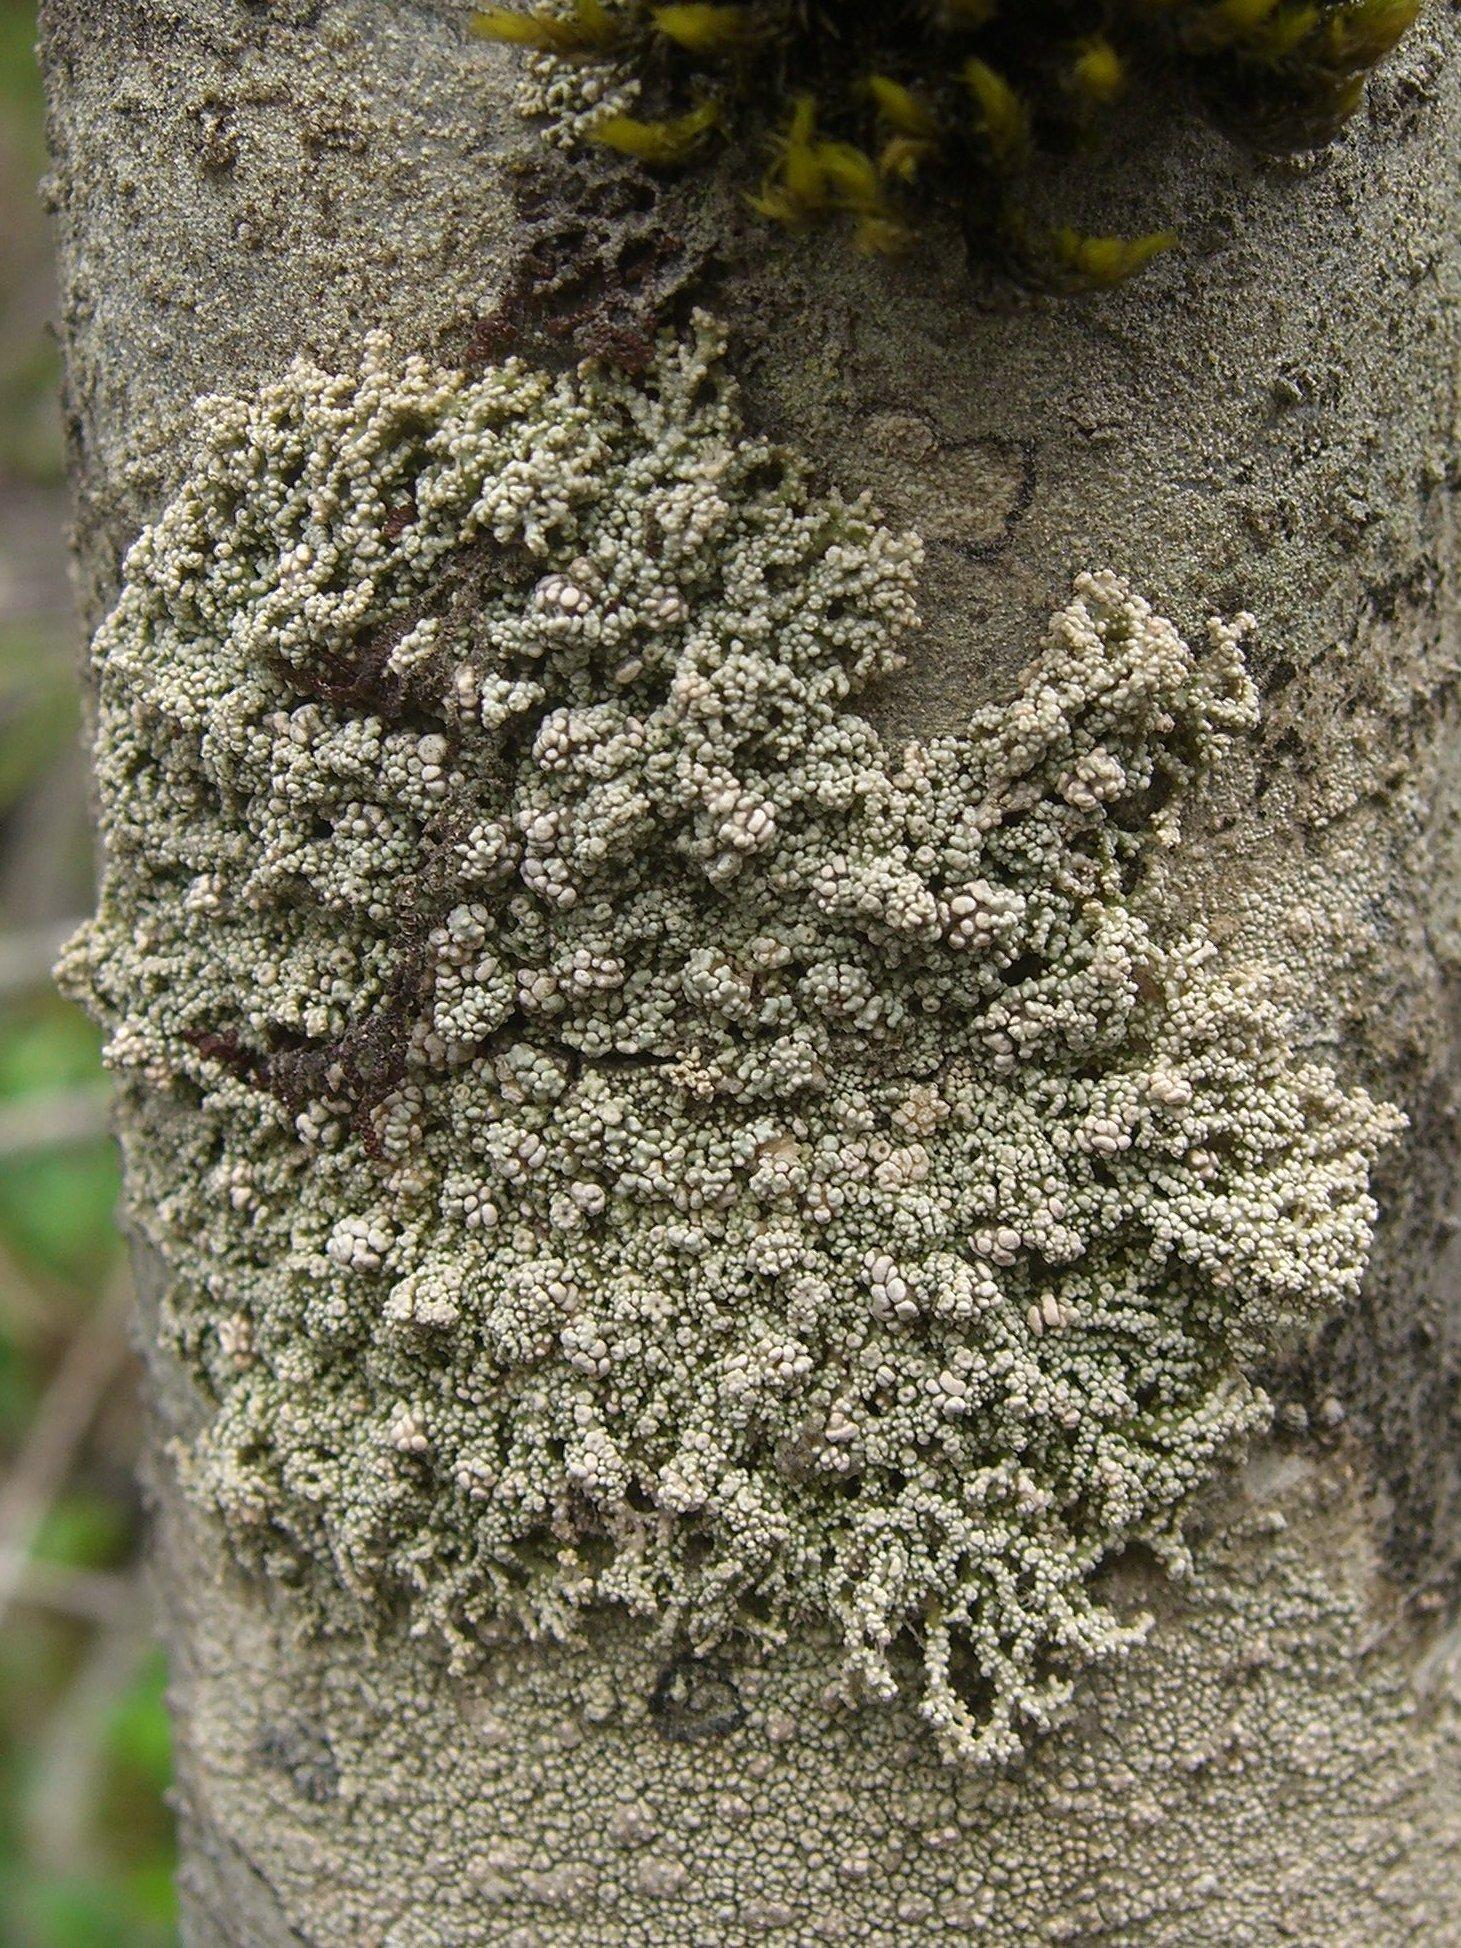 Lepolichen coccophorus image